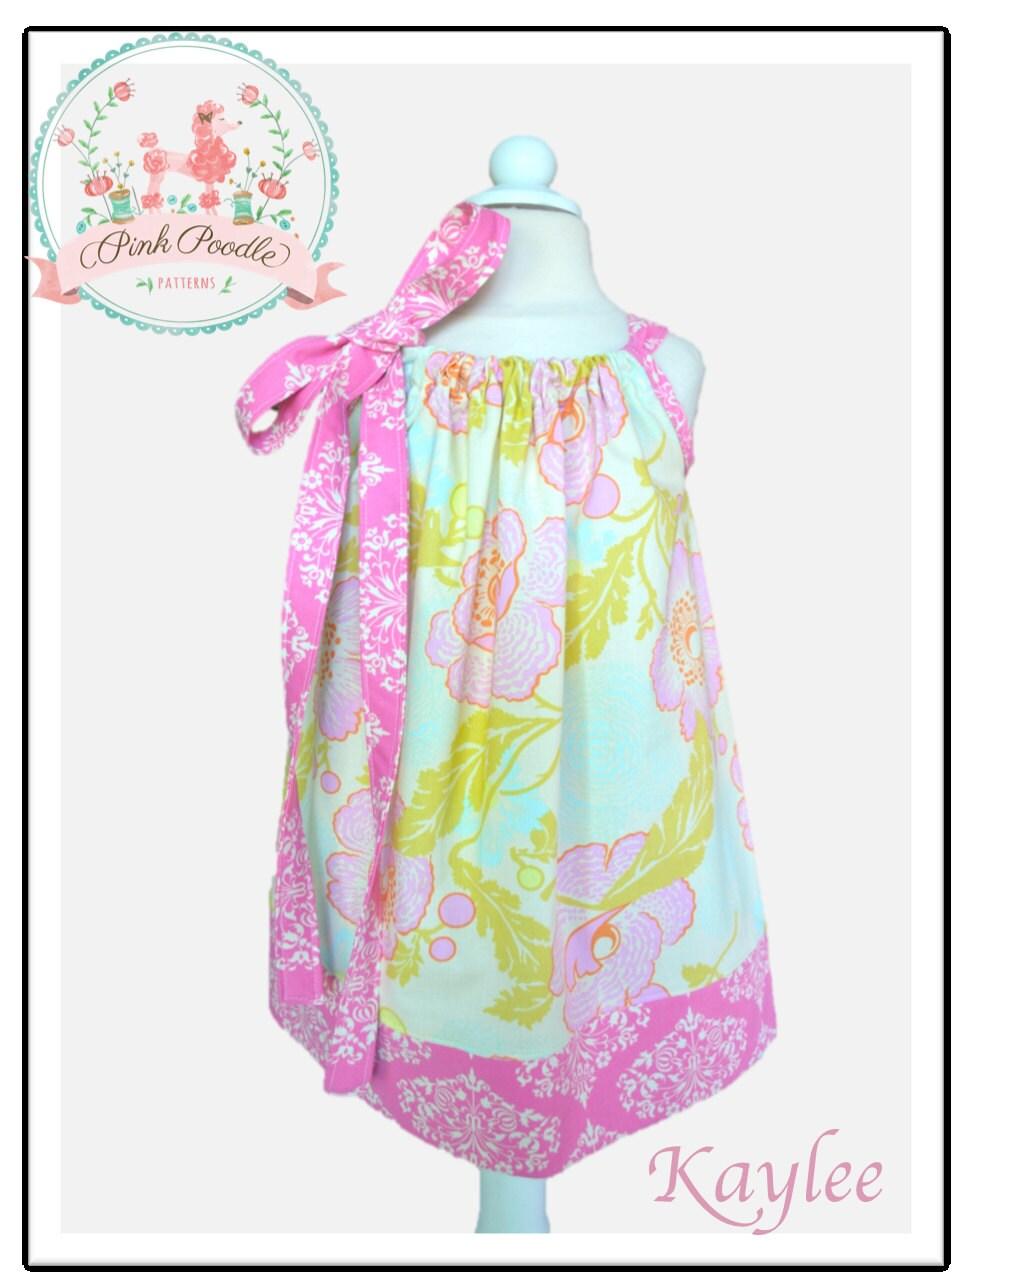 Girls Dress Pattern Pillowcase Dress Pattern Easy Sewing PDF Patterns Sewing Patterns Baby Dress Sewing Pattern 3m-8 \